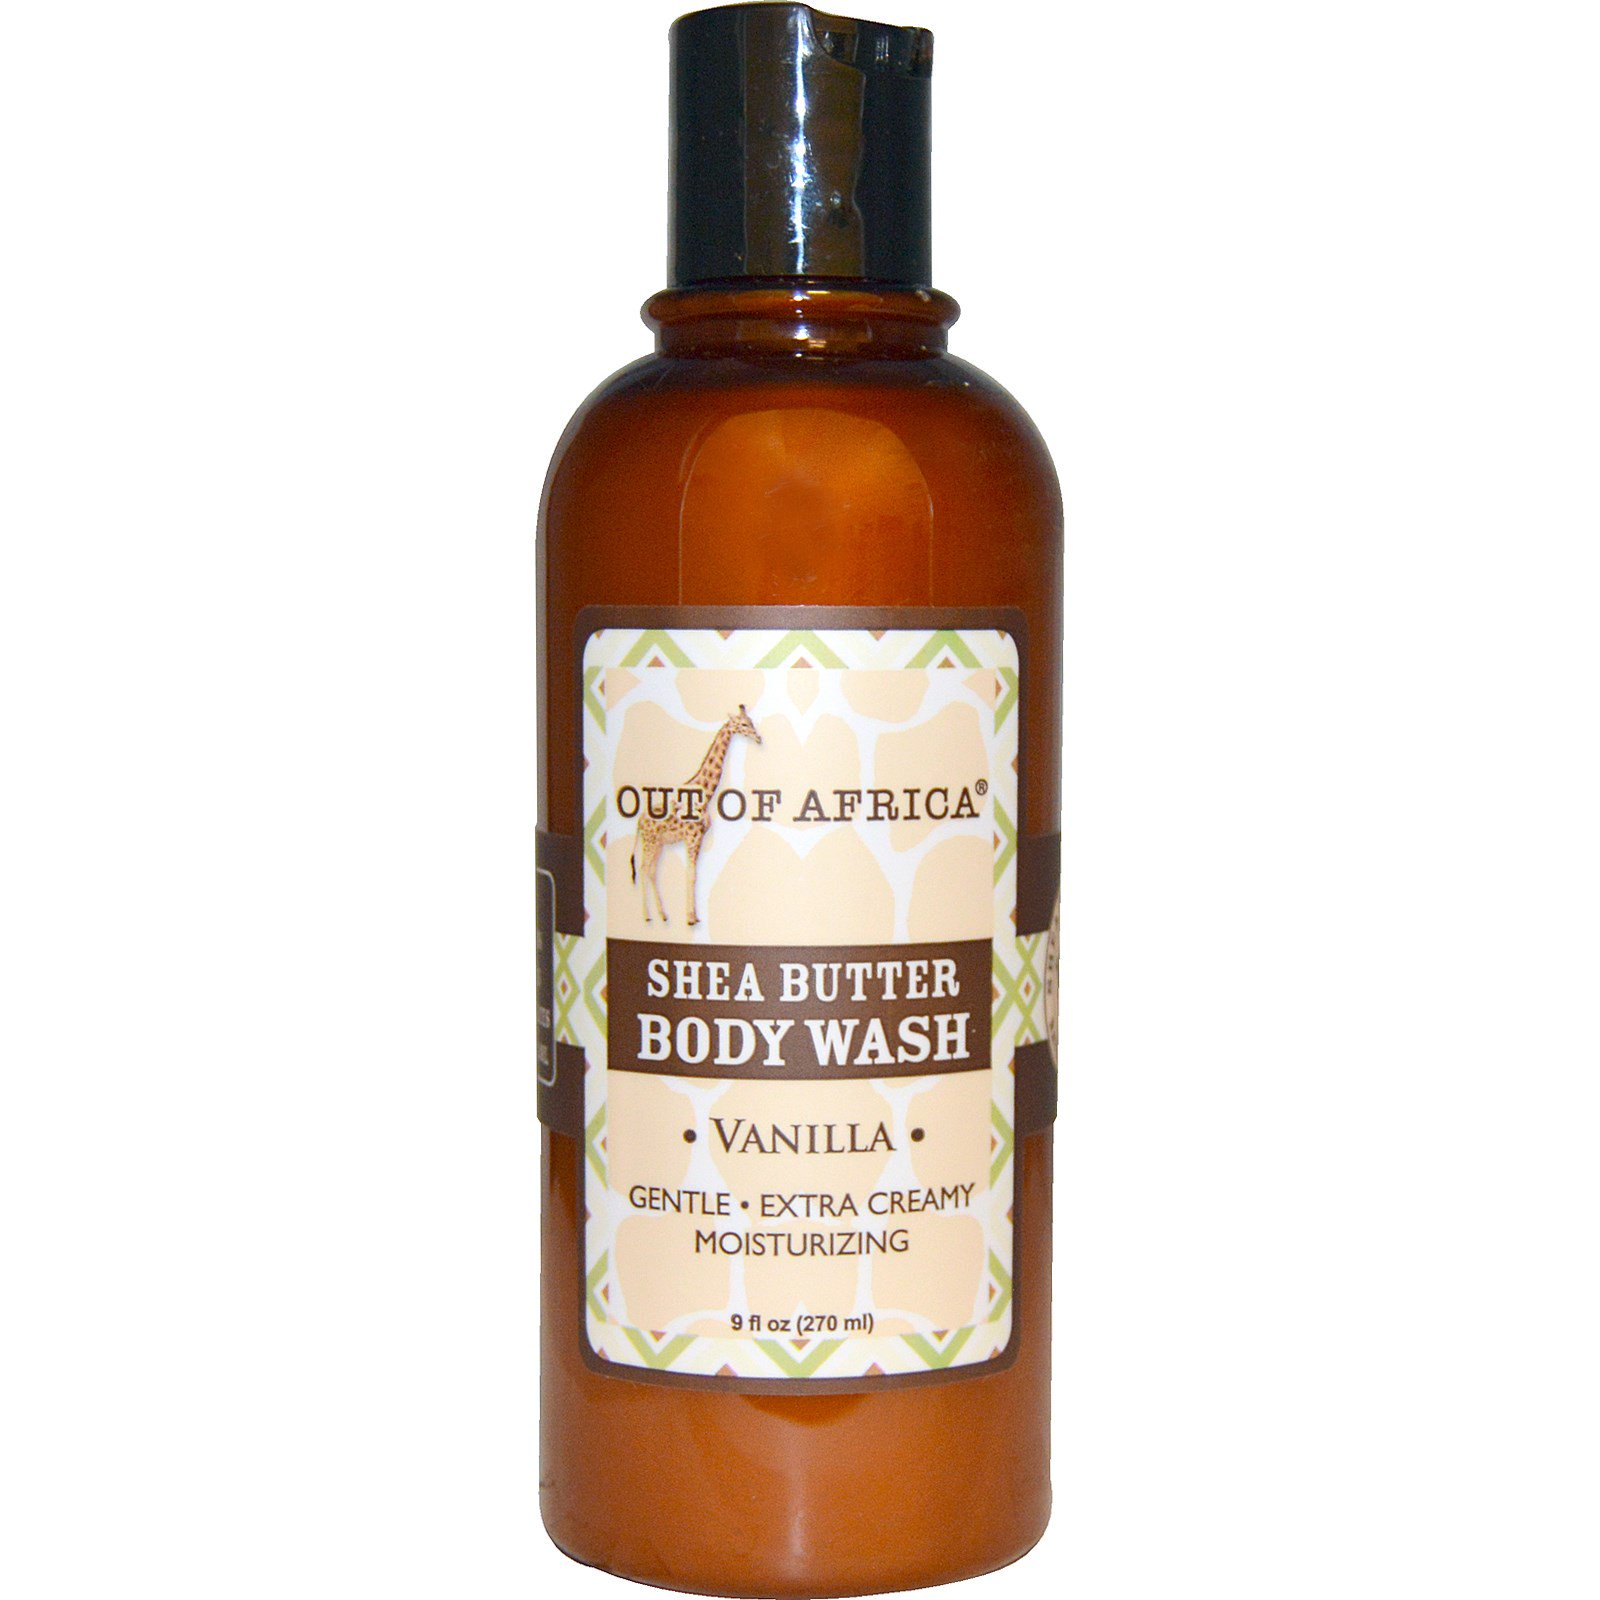 Out of Africa, Гель для душа с органическим маслом ши, тропическая ваниль, 9 жидких унций (270 мл)